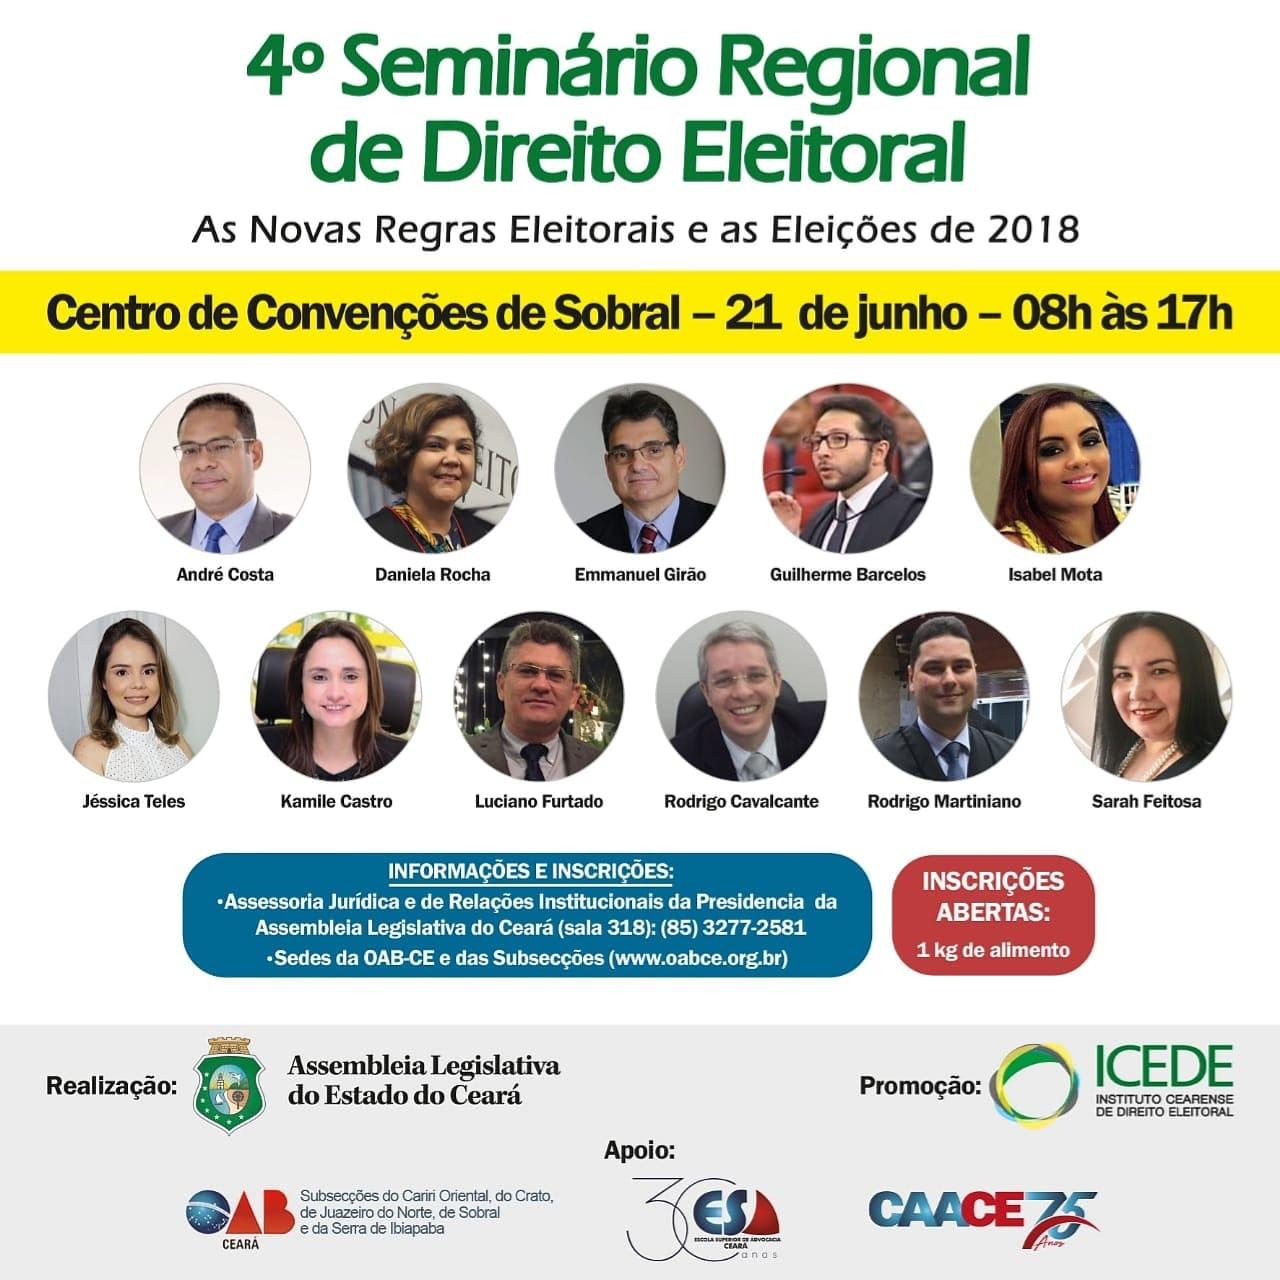 Sobral recebe Seminário sobre Direito Eleitoral no dia 21 de junho